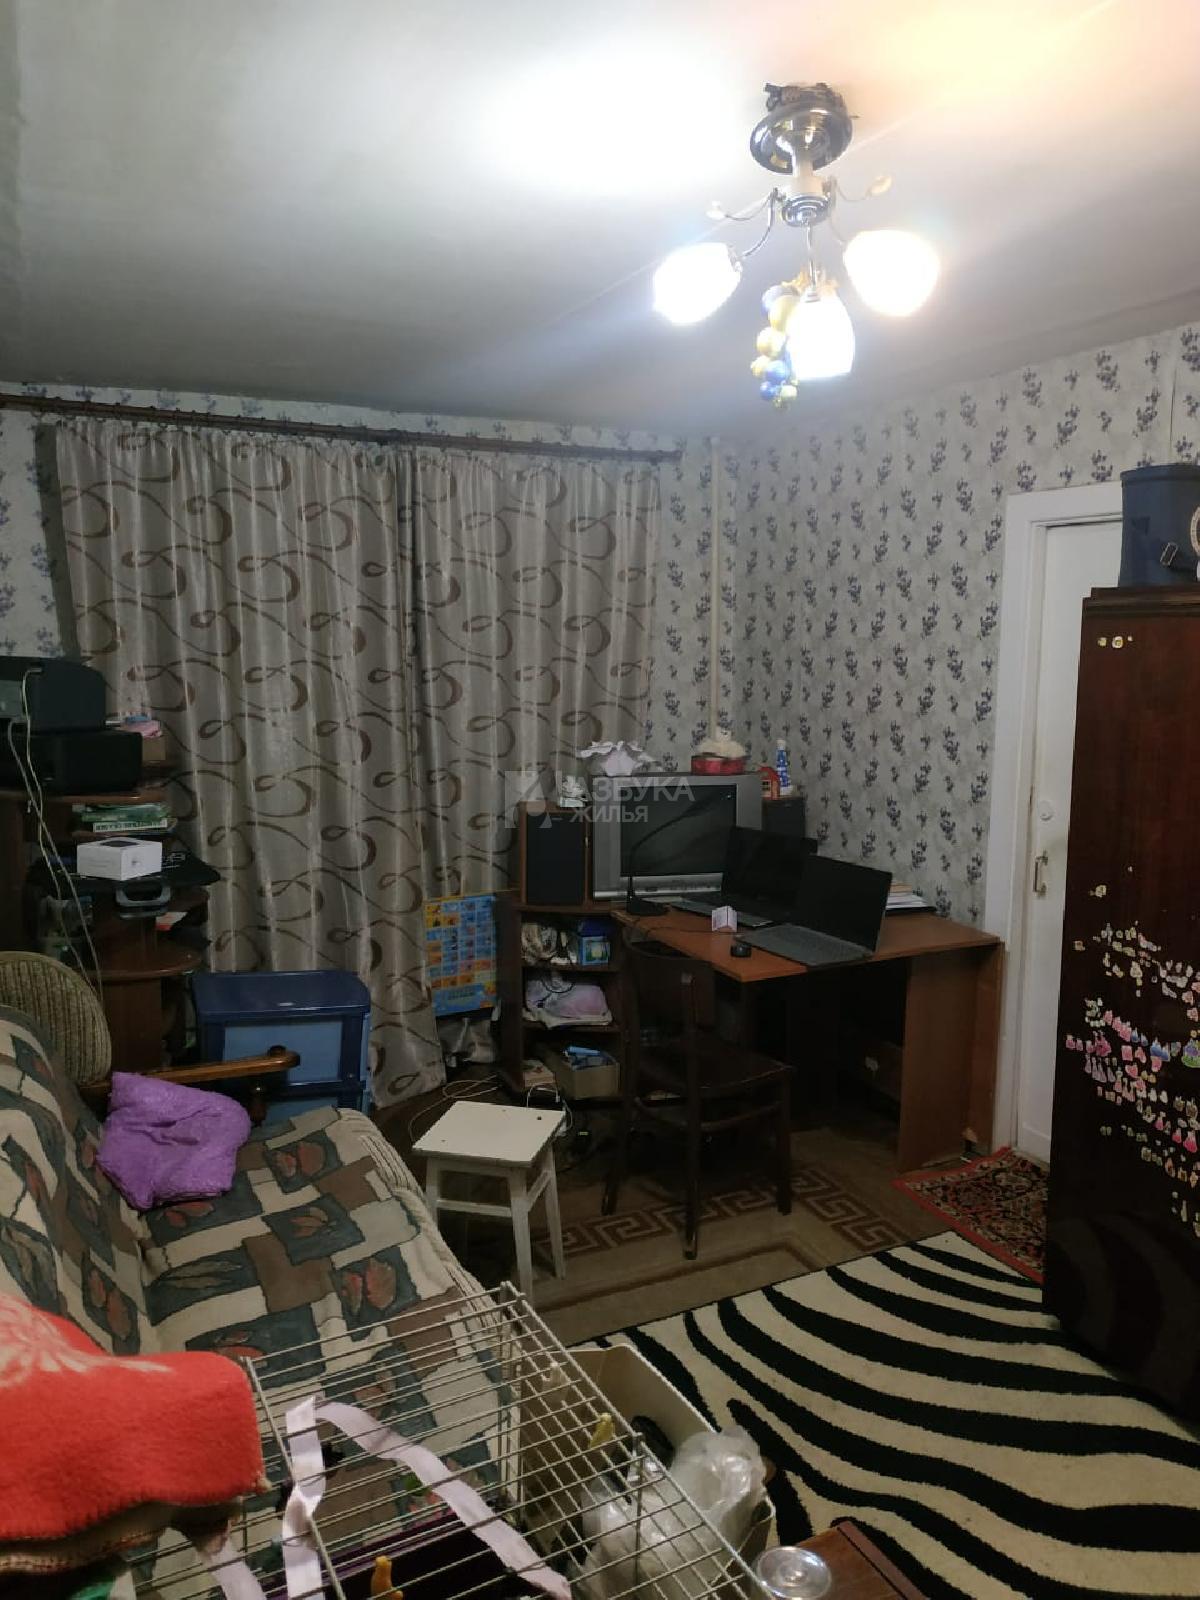 Фото №3 - 3-комнатная квартира, Москва, Академика Ильюшина улица 1 корпус 1, метро Аэропорт